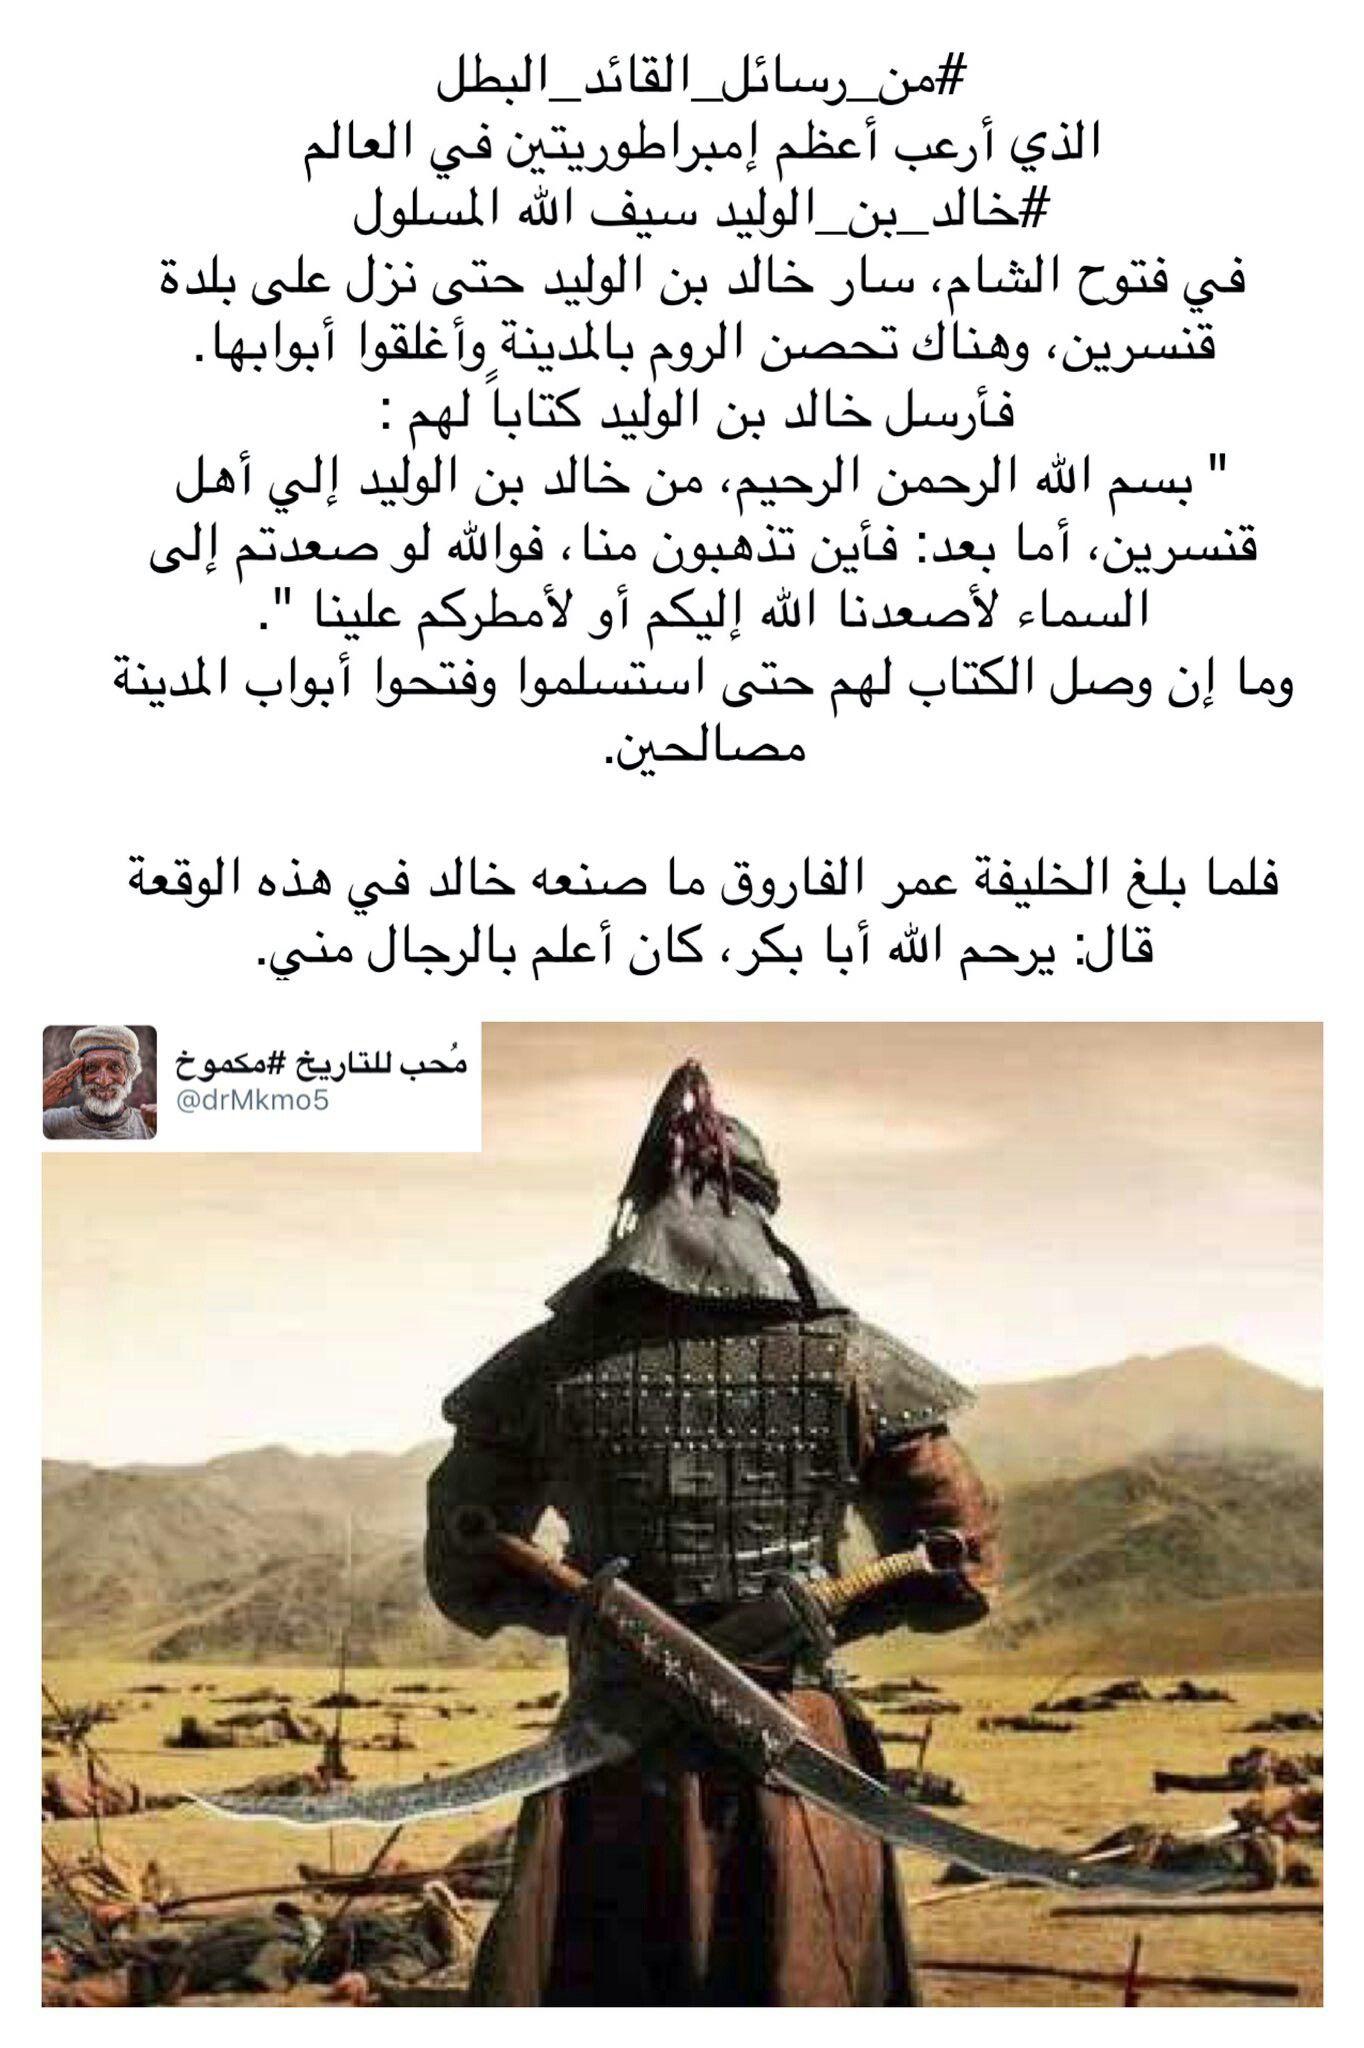 عن خالد بن الوليد رحمه الله Arabic Quotes Favorite Book Quotes History Of Islam